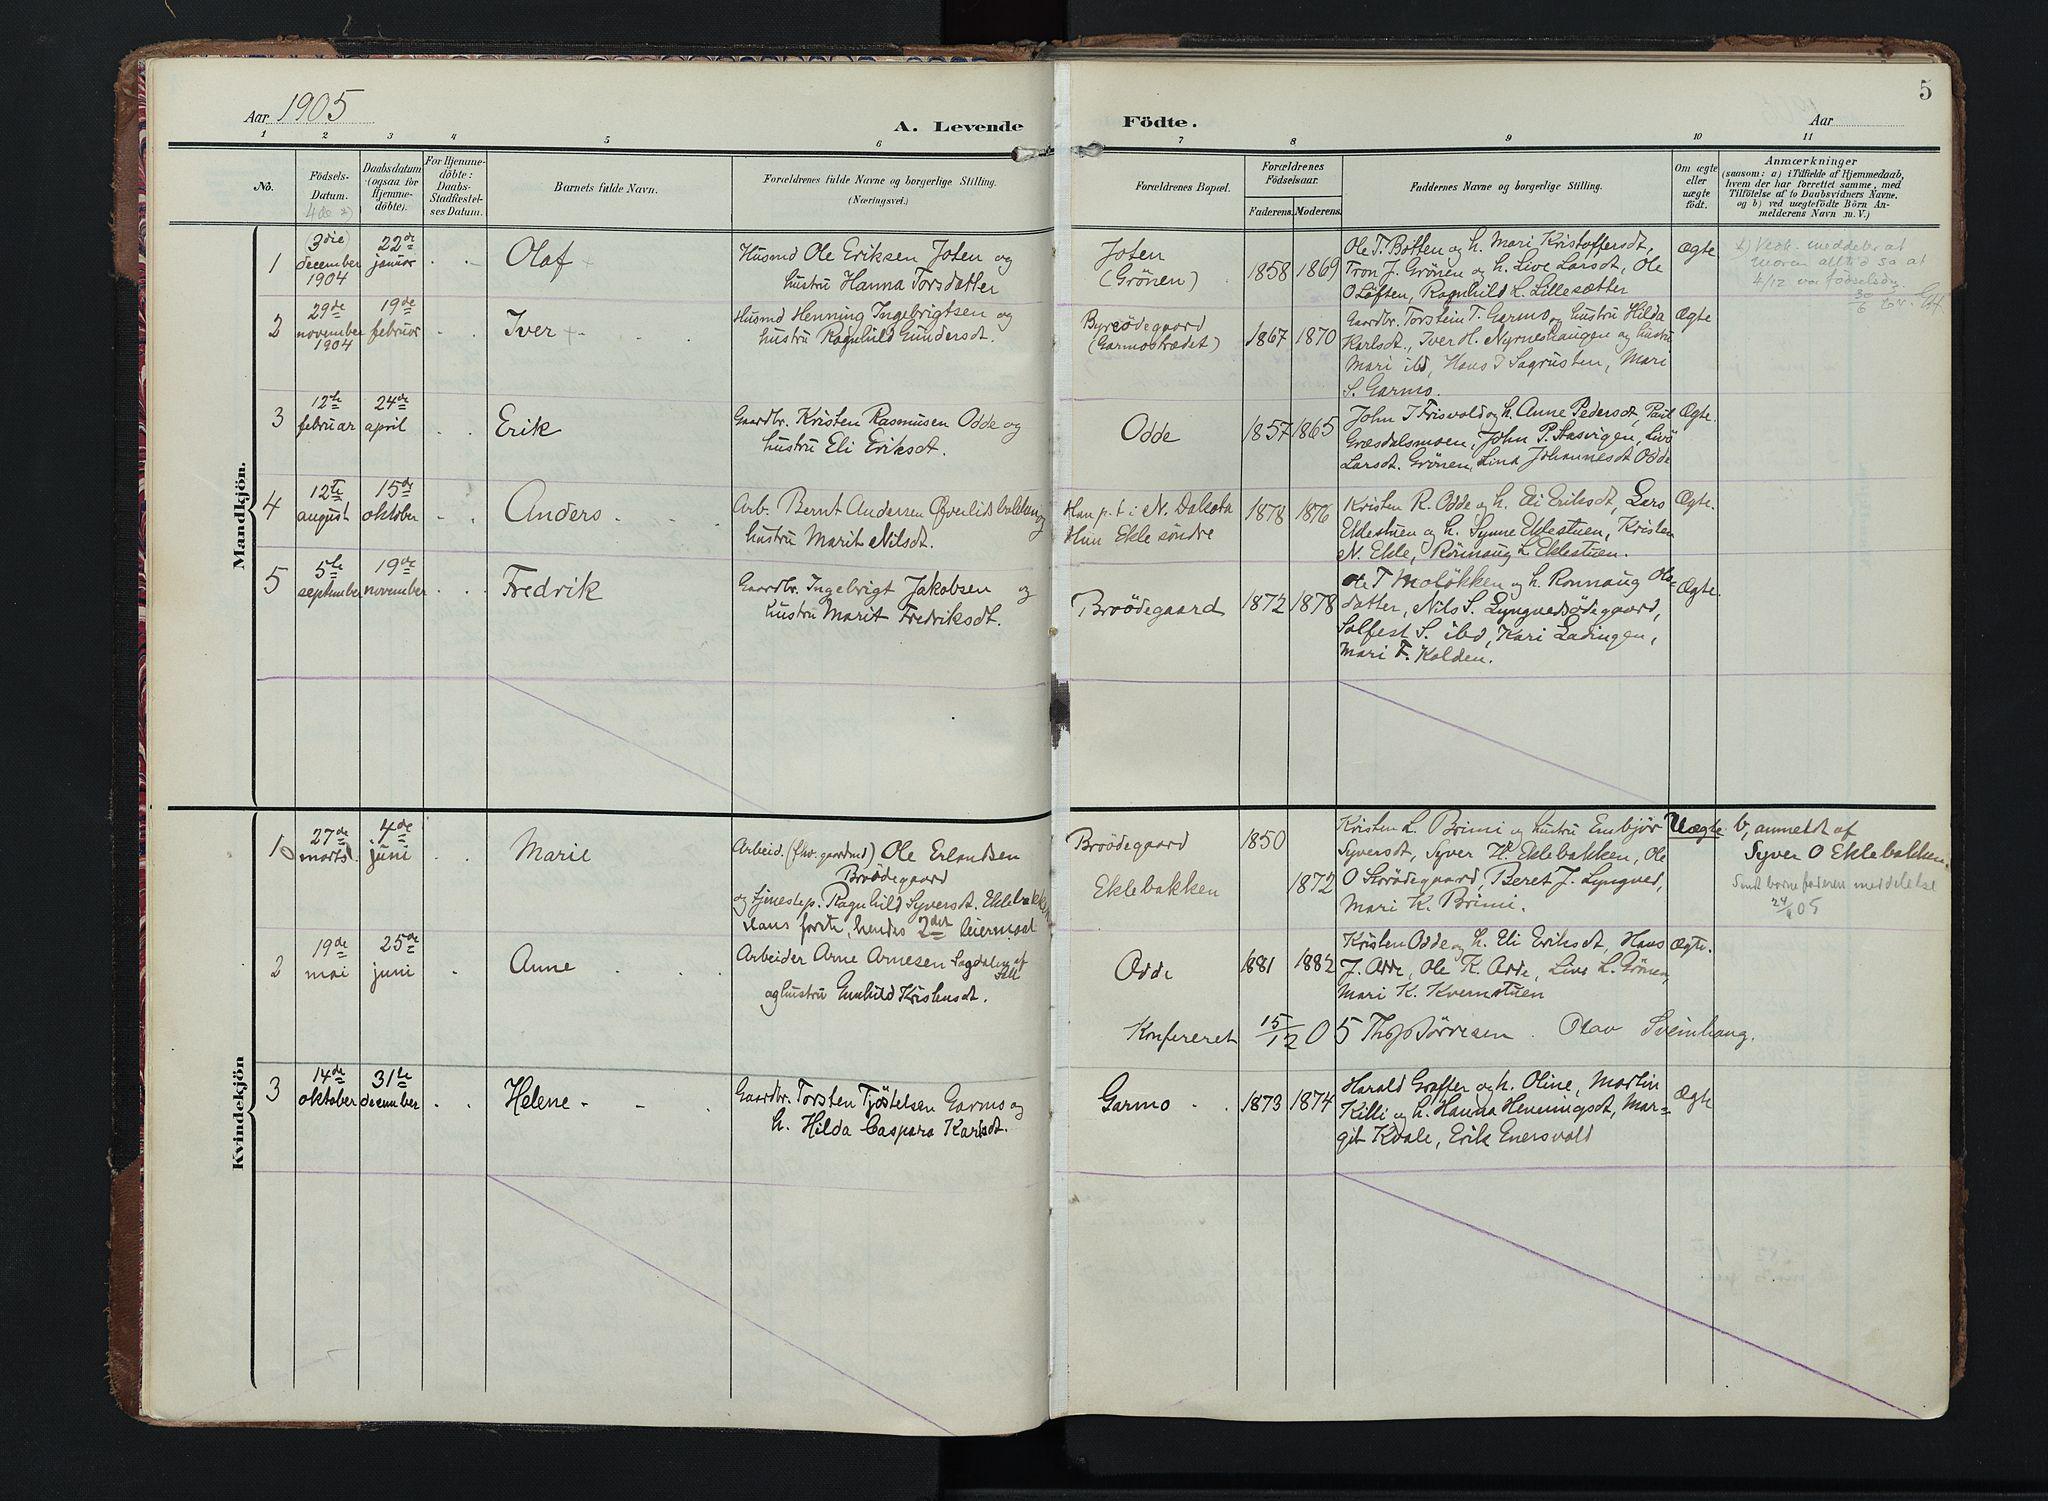 SAH, Lom prestekontor, K/L0011: Ministerialbok nr. 11, 1904-1928, s. 5